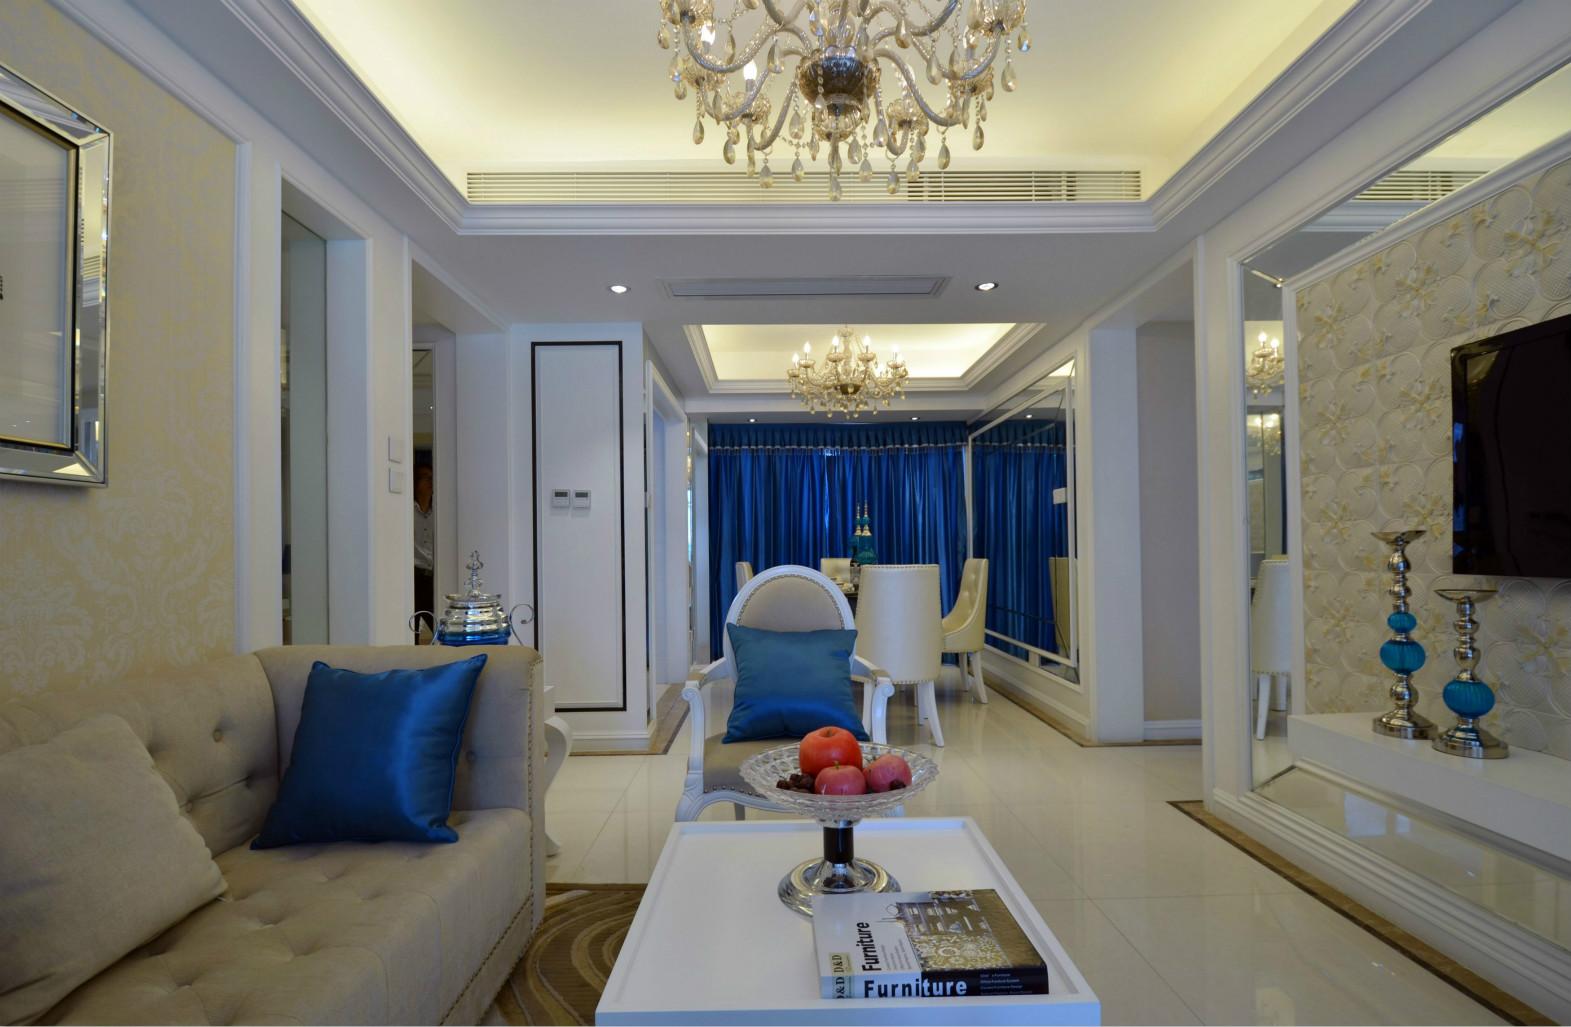 设计提升空间利用的同时,还具有很好的装饰效果,配合两盏别致的吊灯,享受生活真的可以很简单。